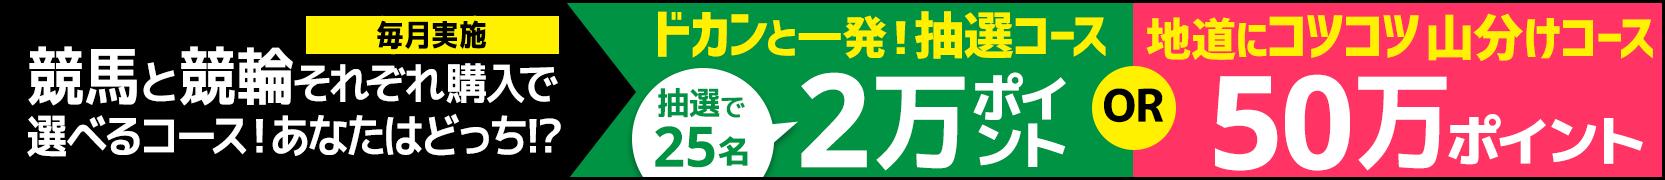 競馬&競輪 共同キャンペーン(2019年5月)